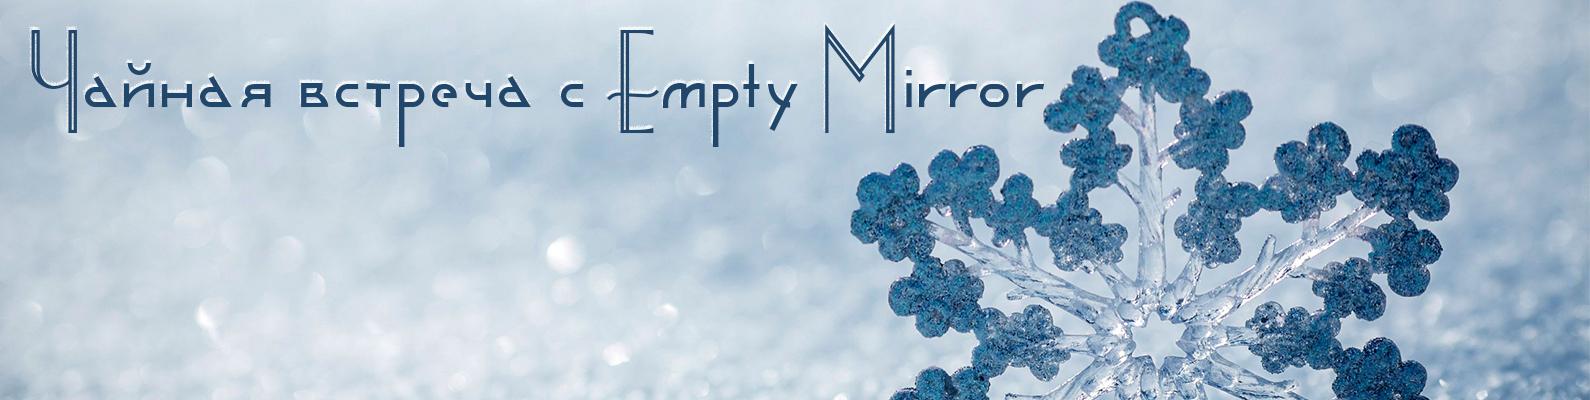 Чаепитие - беседа с Empty_Mirror 2 февраля Москва @ Открытый Мир